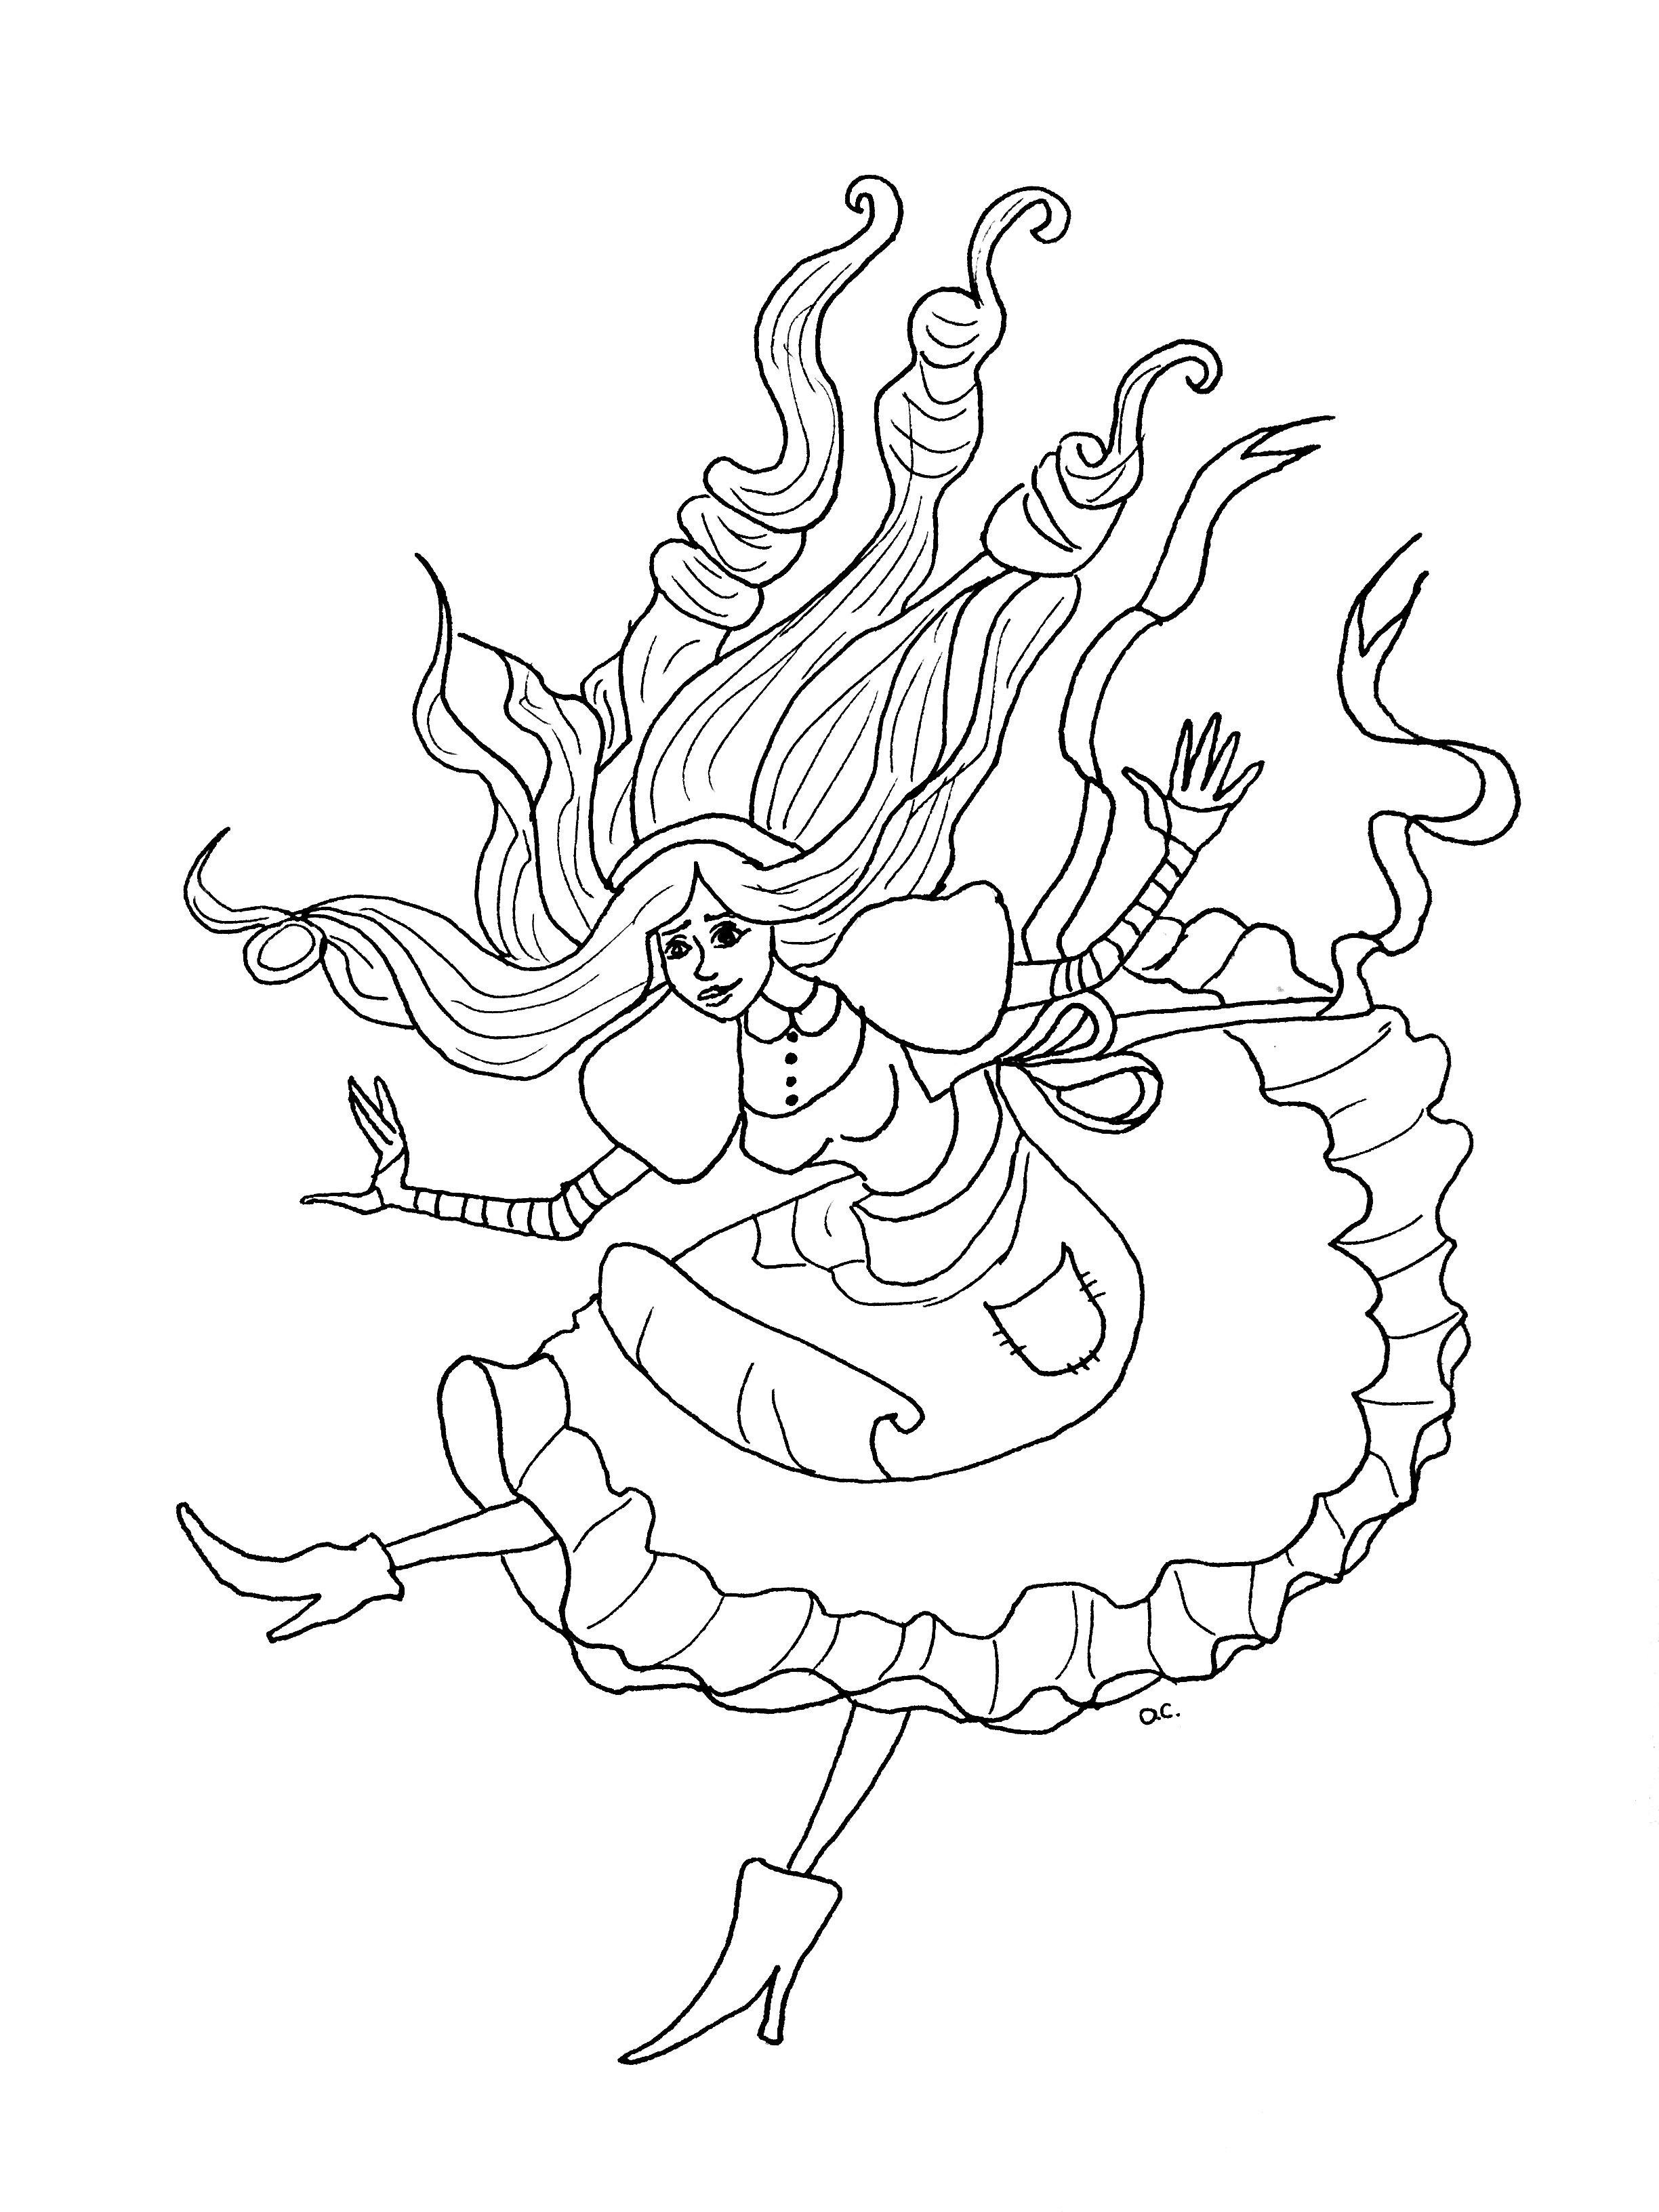 Coloriage original inspiré par Alice au pays des merveilles (version 1 sans objets)A partir de la galerie : Retour En EnfanceArtiste : Olivier